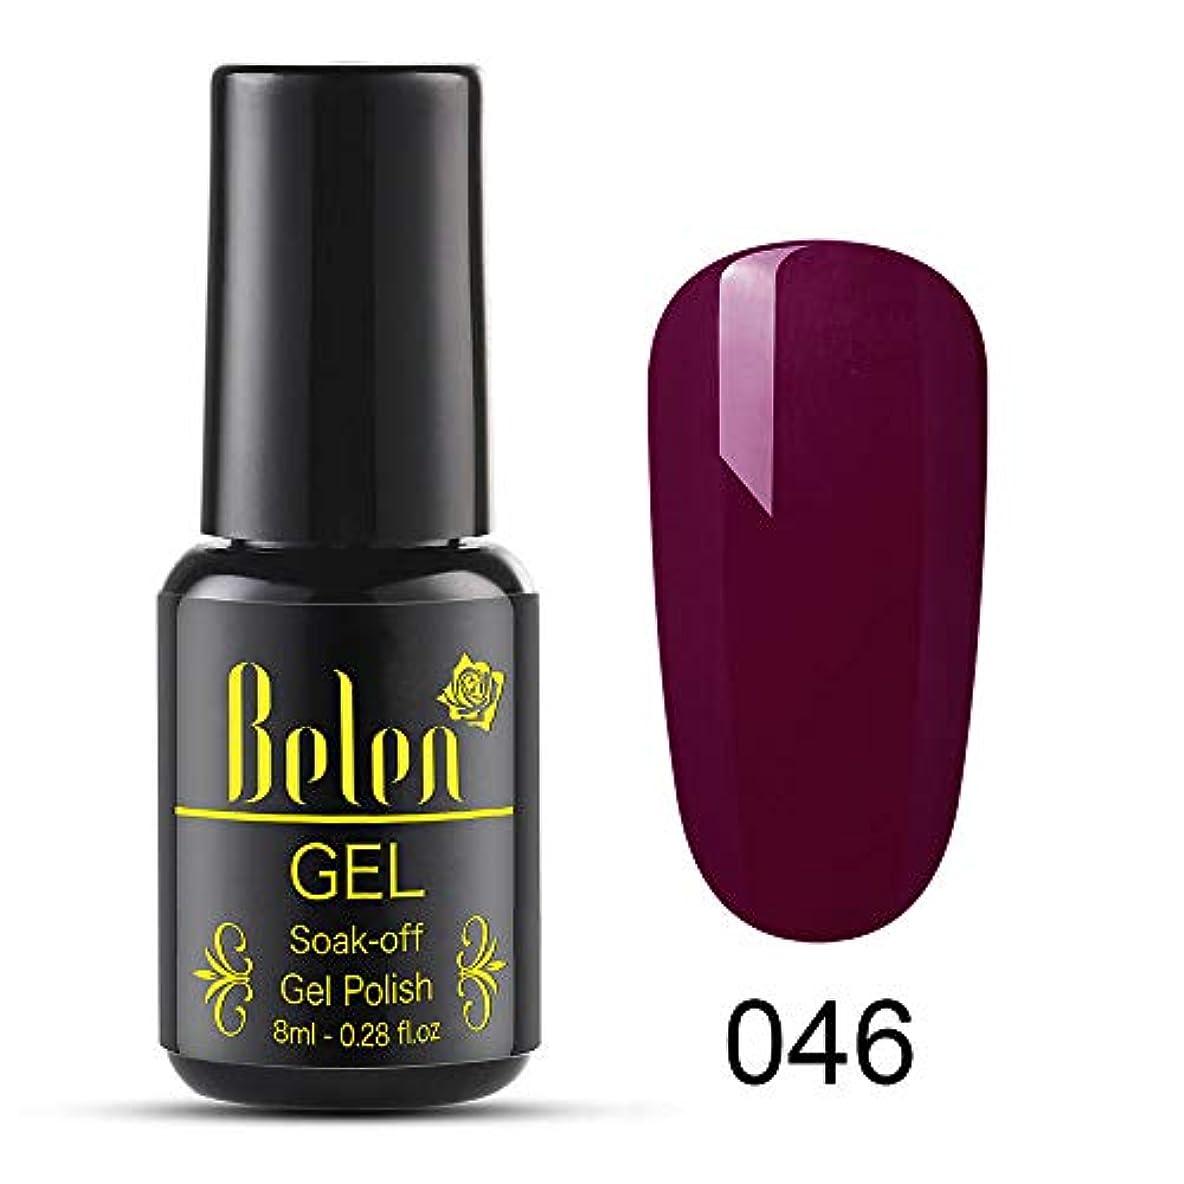 罹患率入手します天窓Belen ジェルネイル カラージェル 超長い蓋 塗りが便利 1色入り 8ml【全42色選択可】